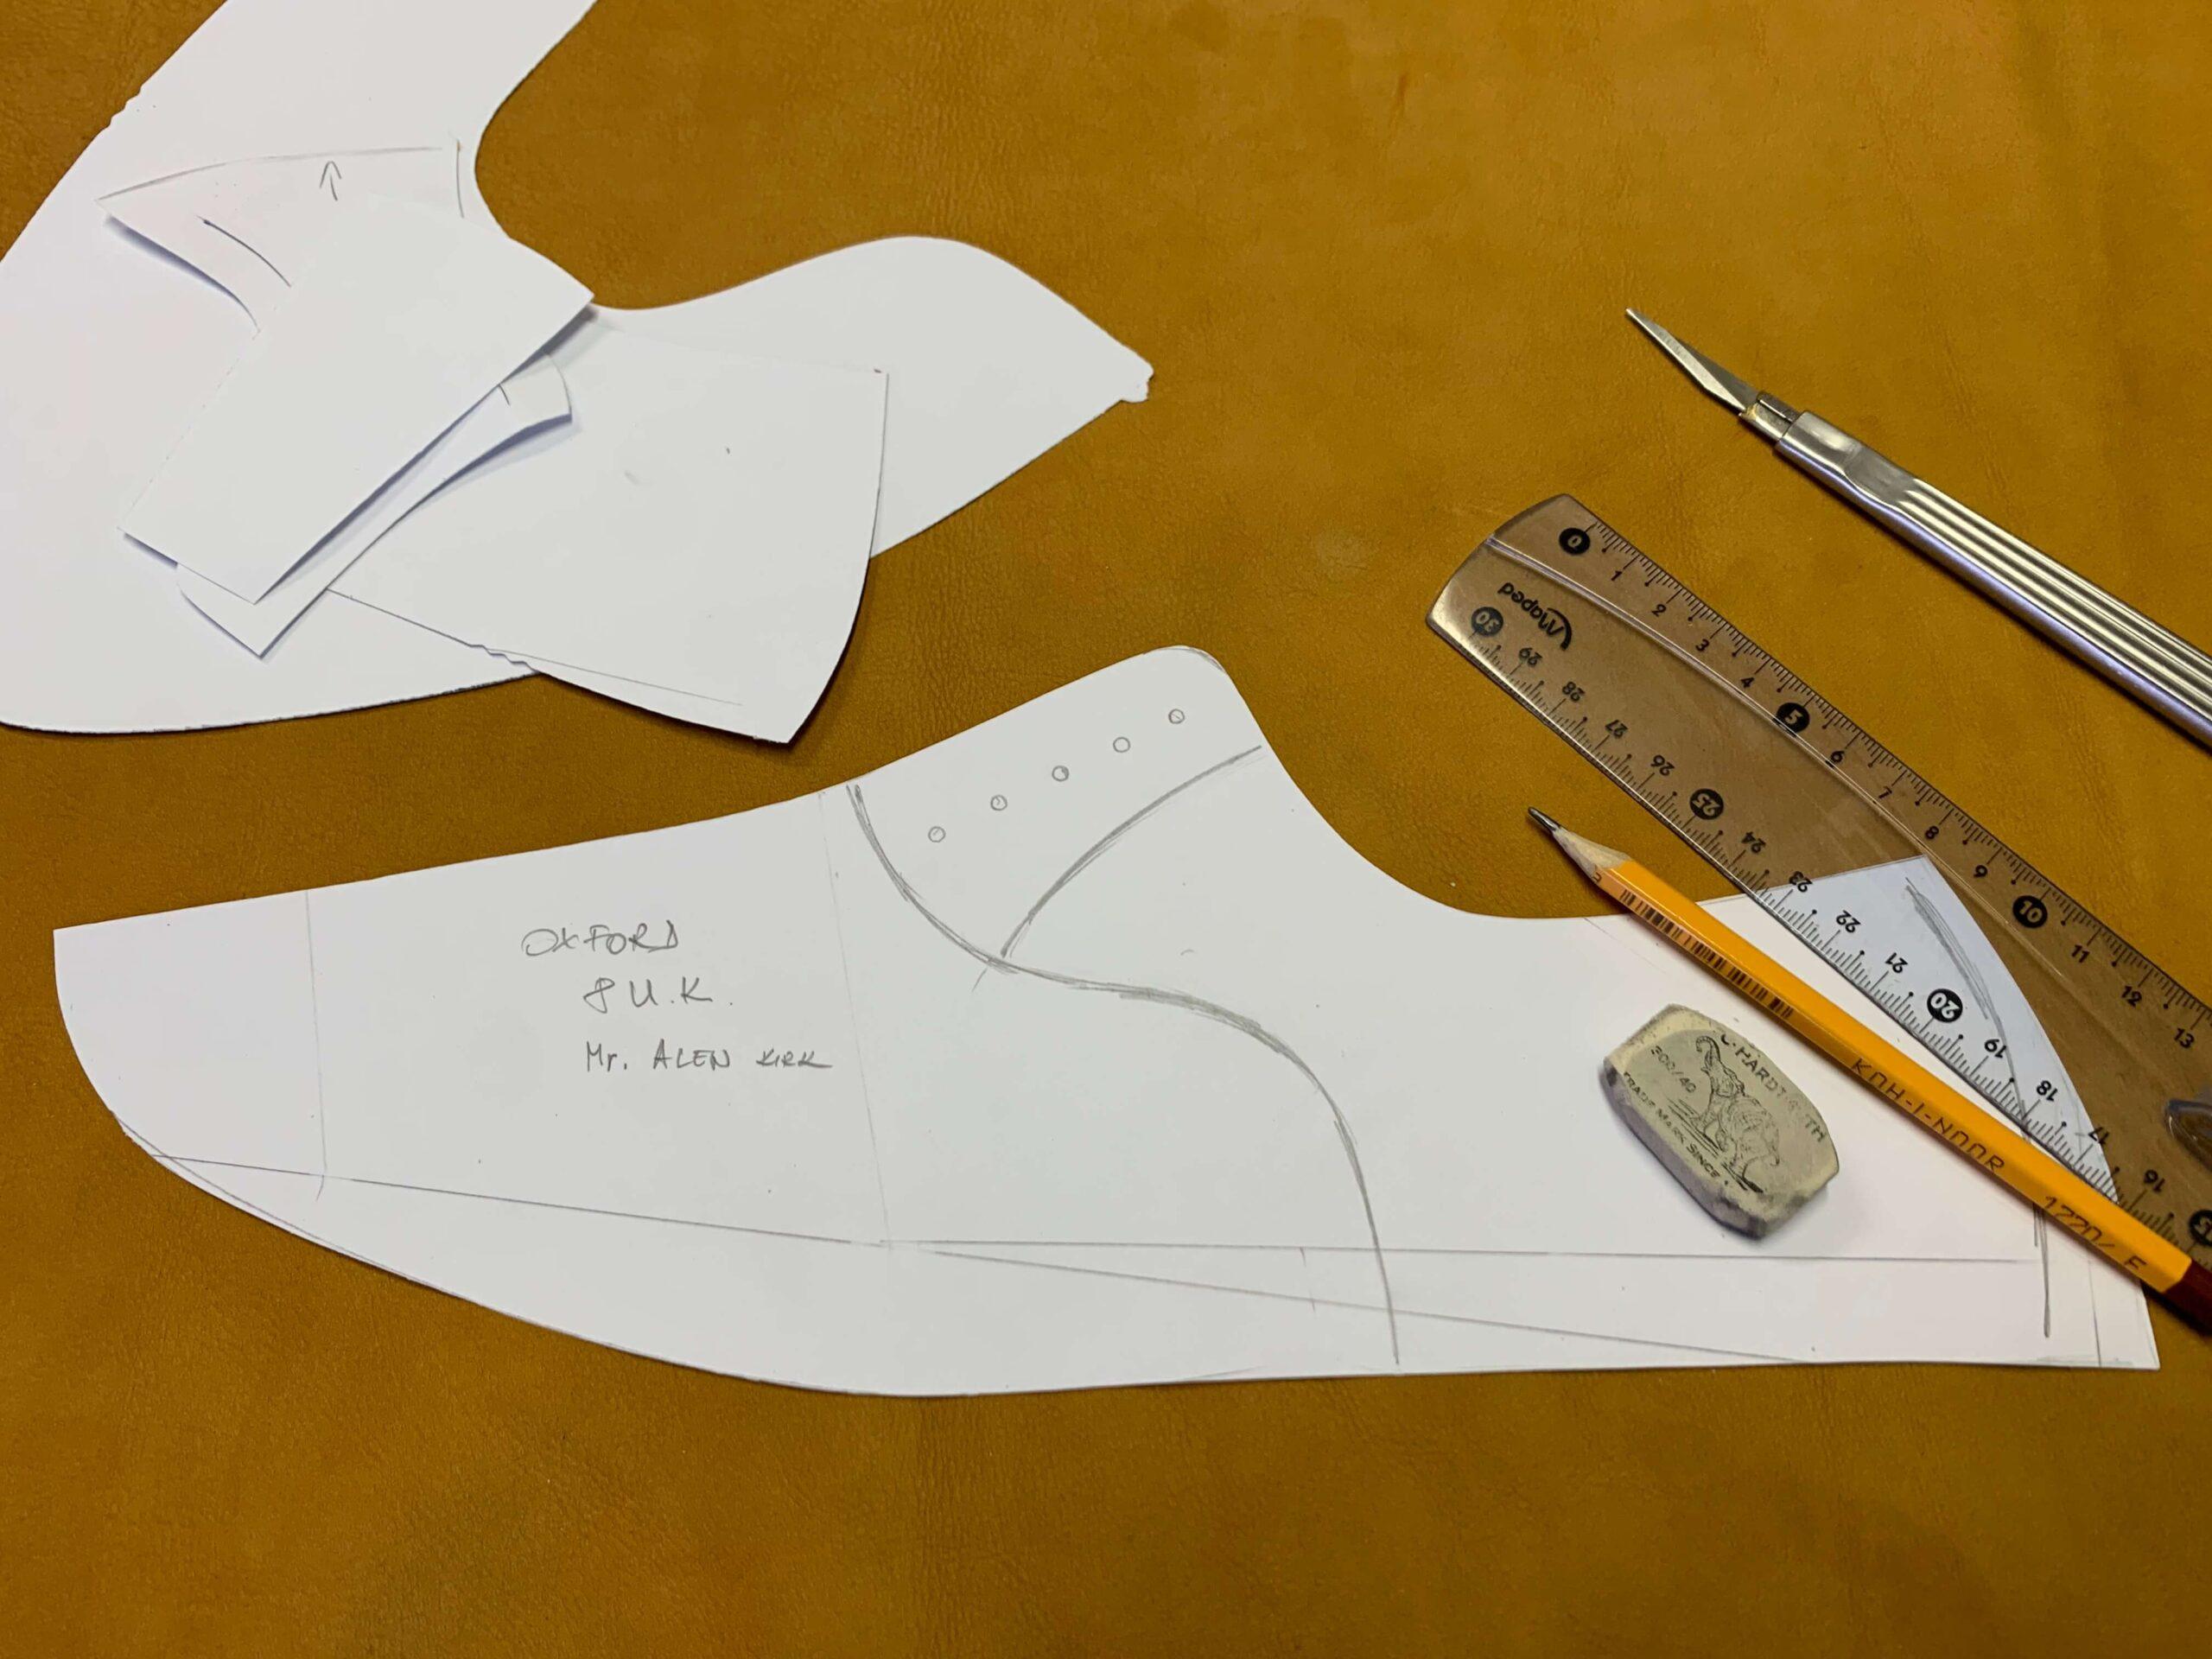 3. Modelltervezés és szabásminta készítés / Model design and tailoring